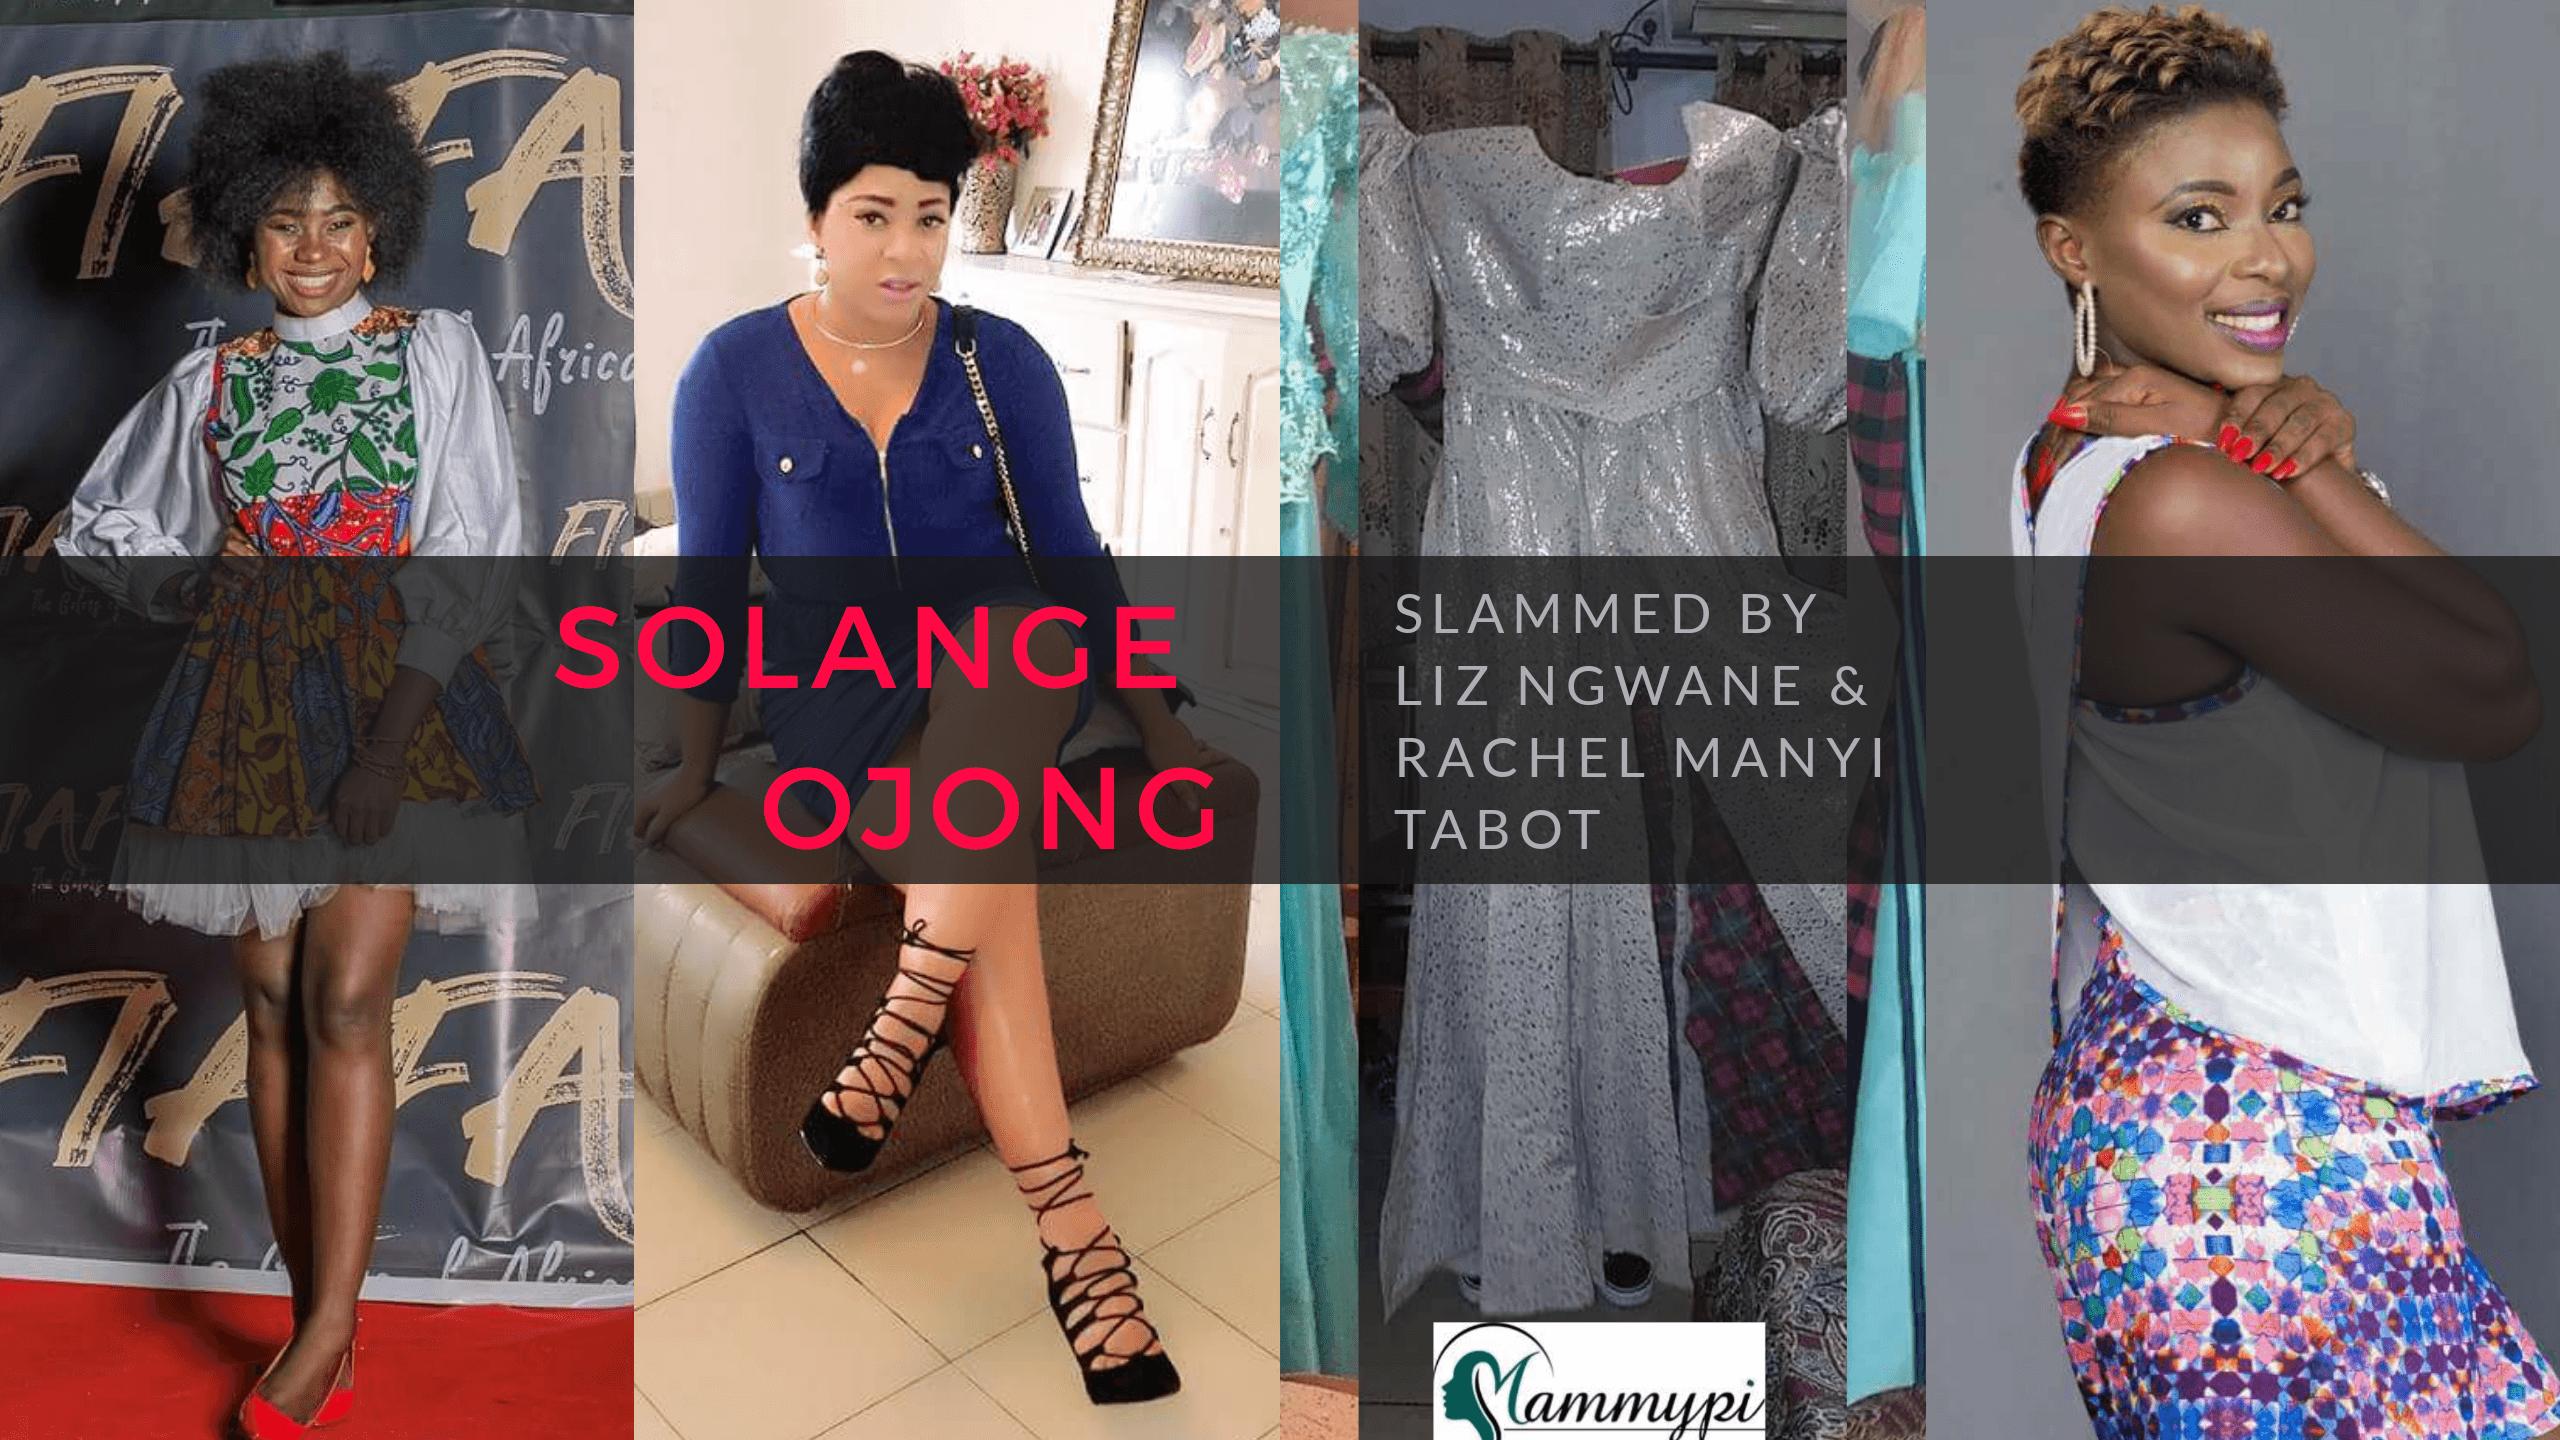 Solange Ojong- Dress Scandal